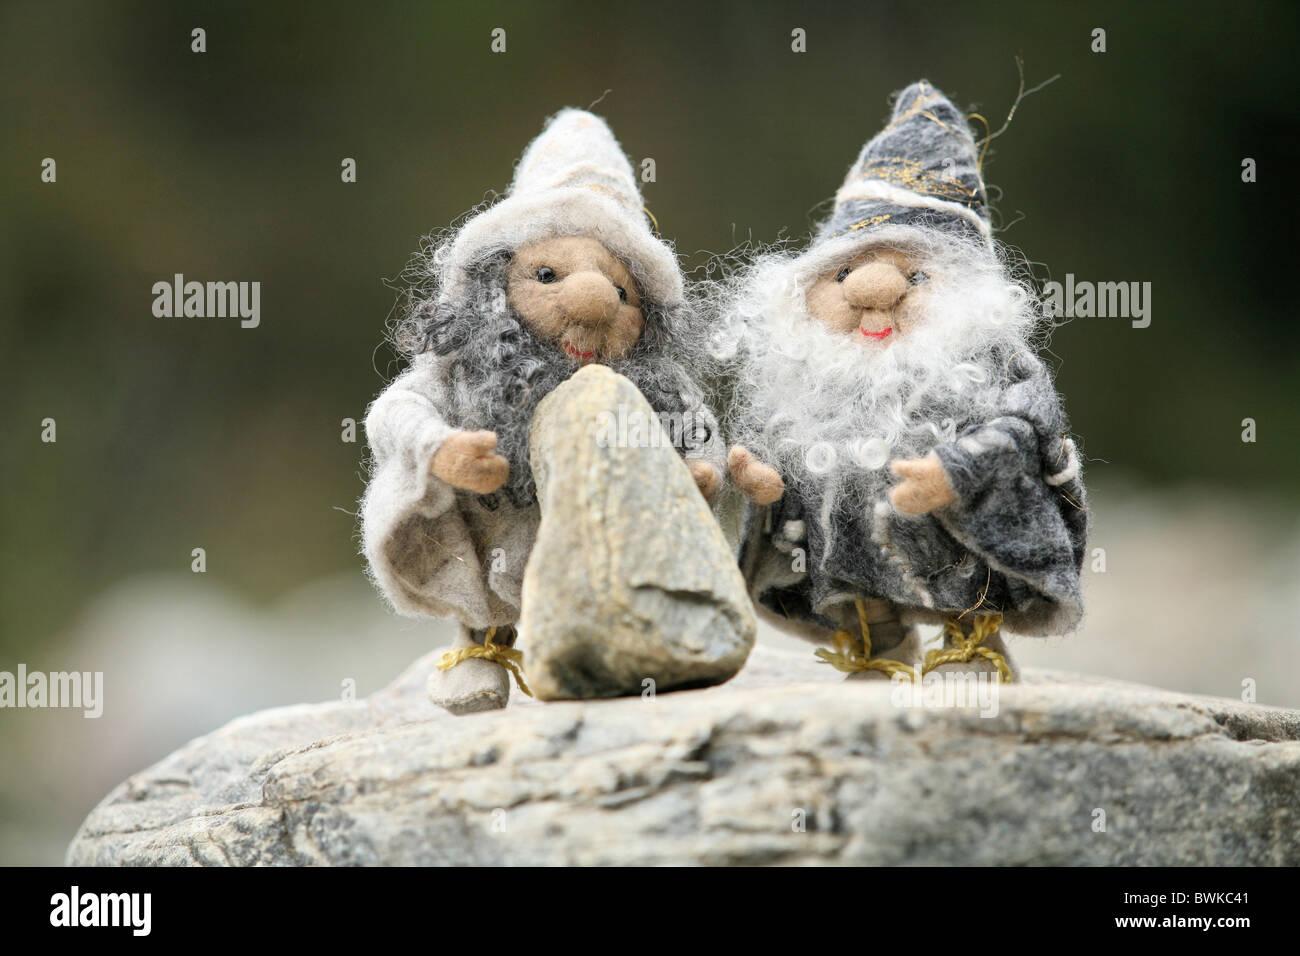 gnome dwarfs midgets gnome dwarf midget mountain ghost figures textile  figures beard whiskers bearded ston -